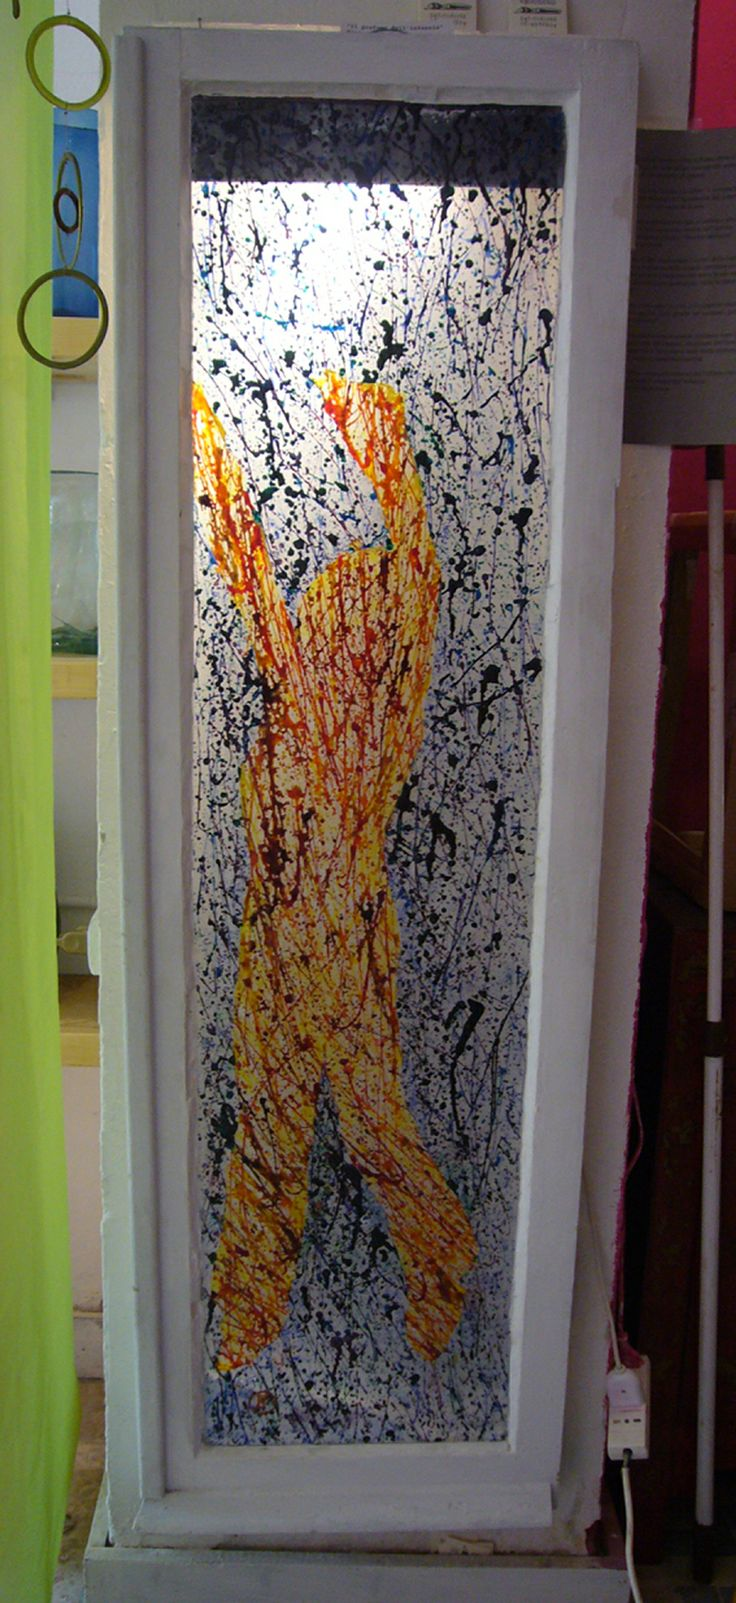 dripping di pigmenti e resine su vetro .finestra riciclata. Created  by Elvira Chiodino.